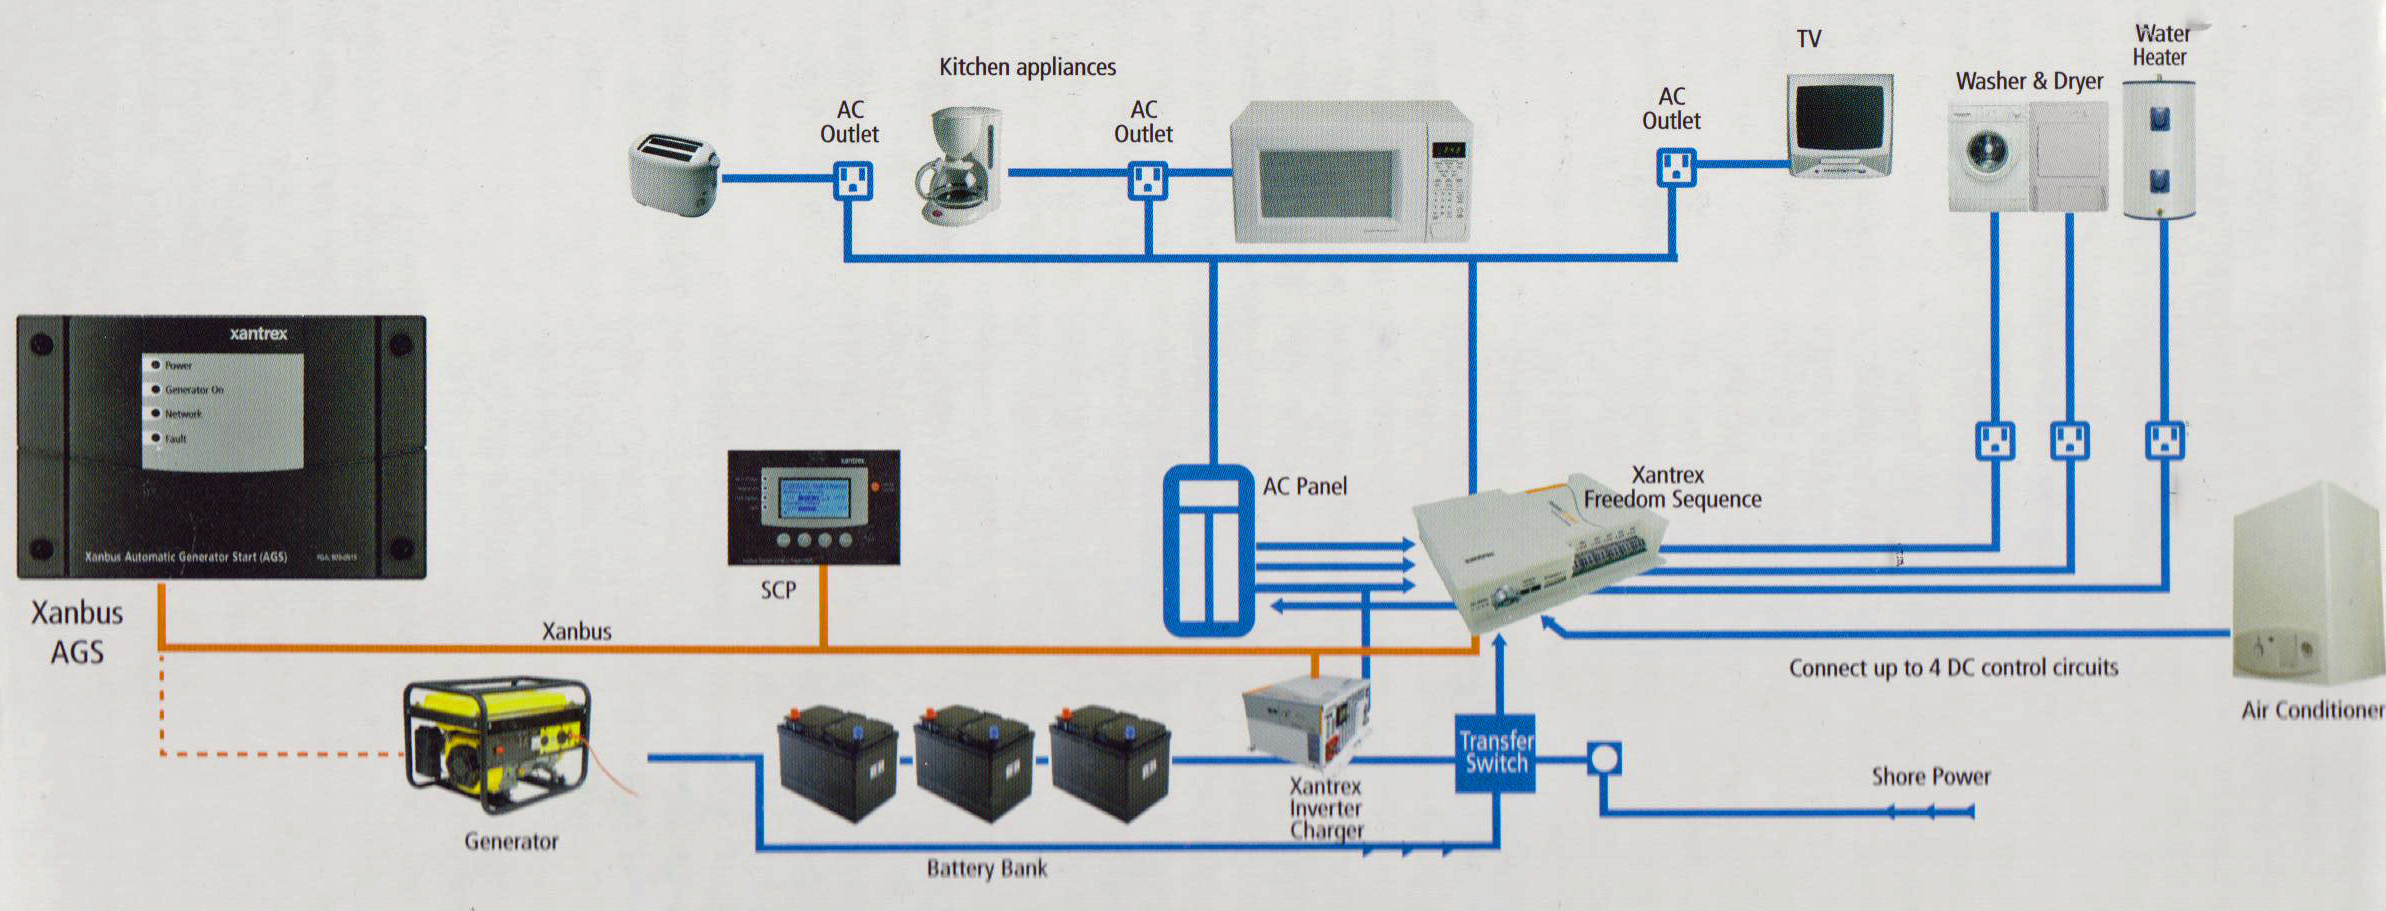 Rv Inverter Charger Wiring Schematics | Wiring Diagram - Rv Inverter Wiring Diagram